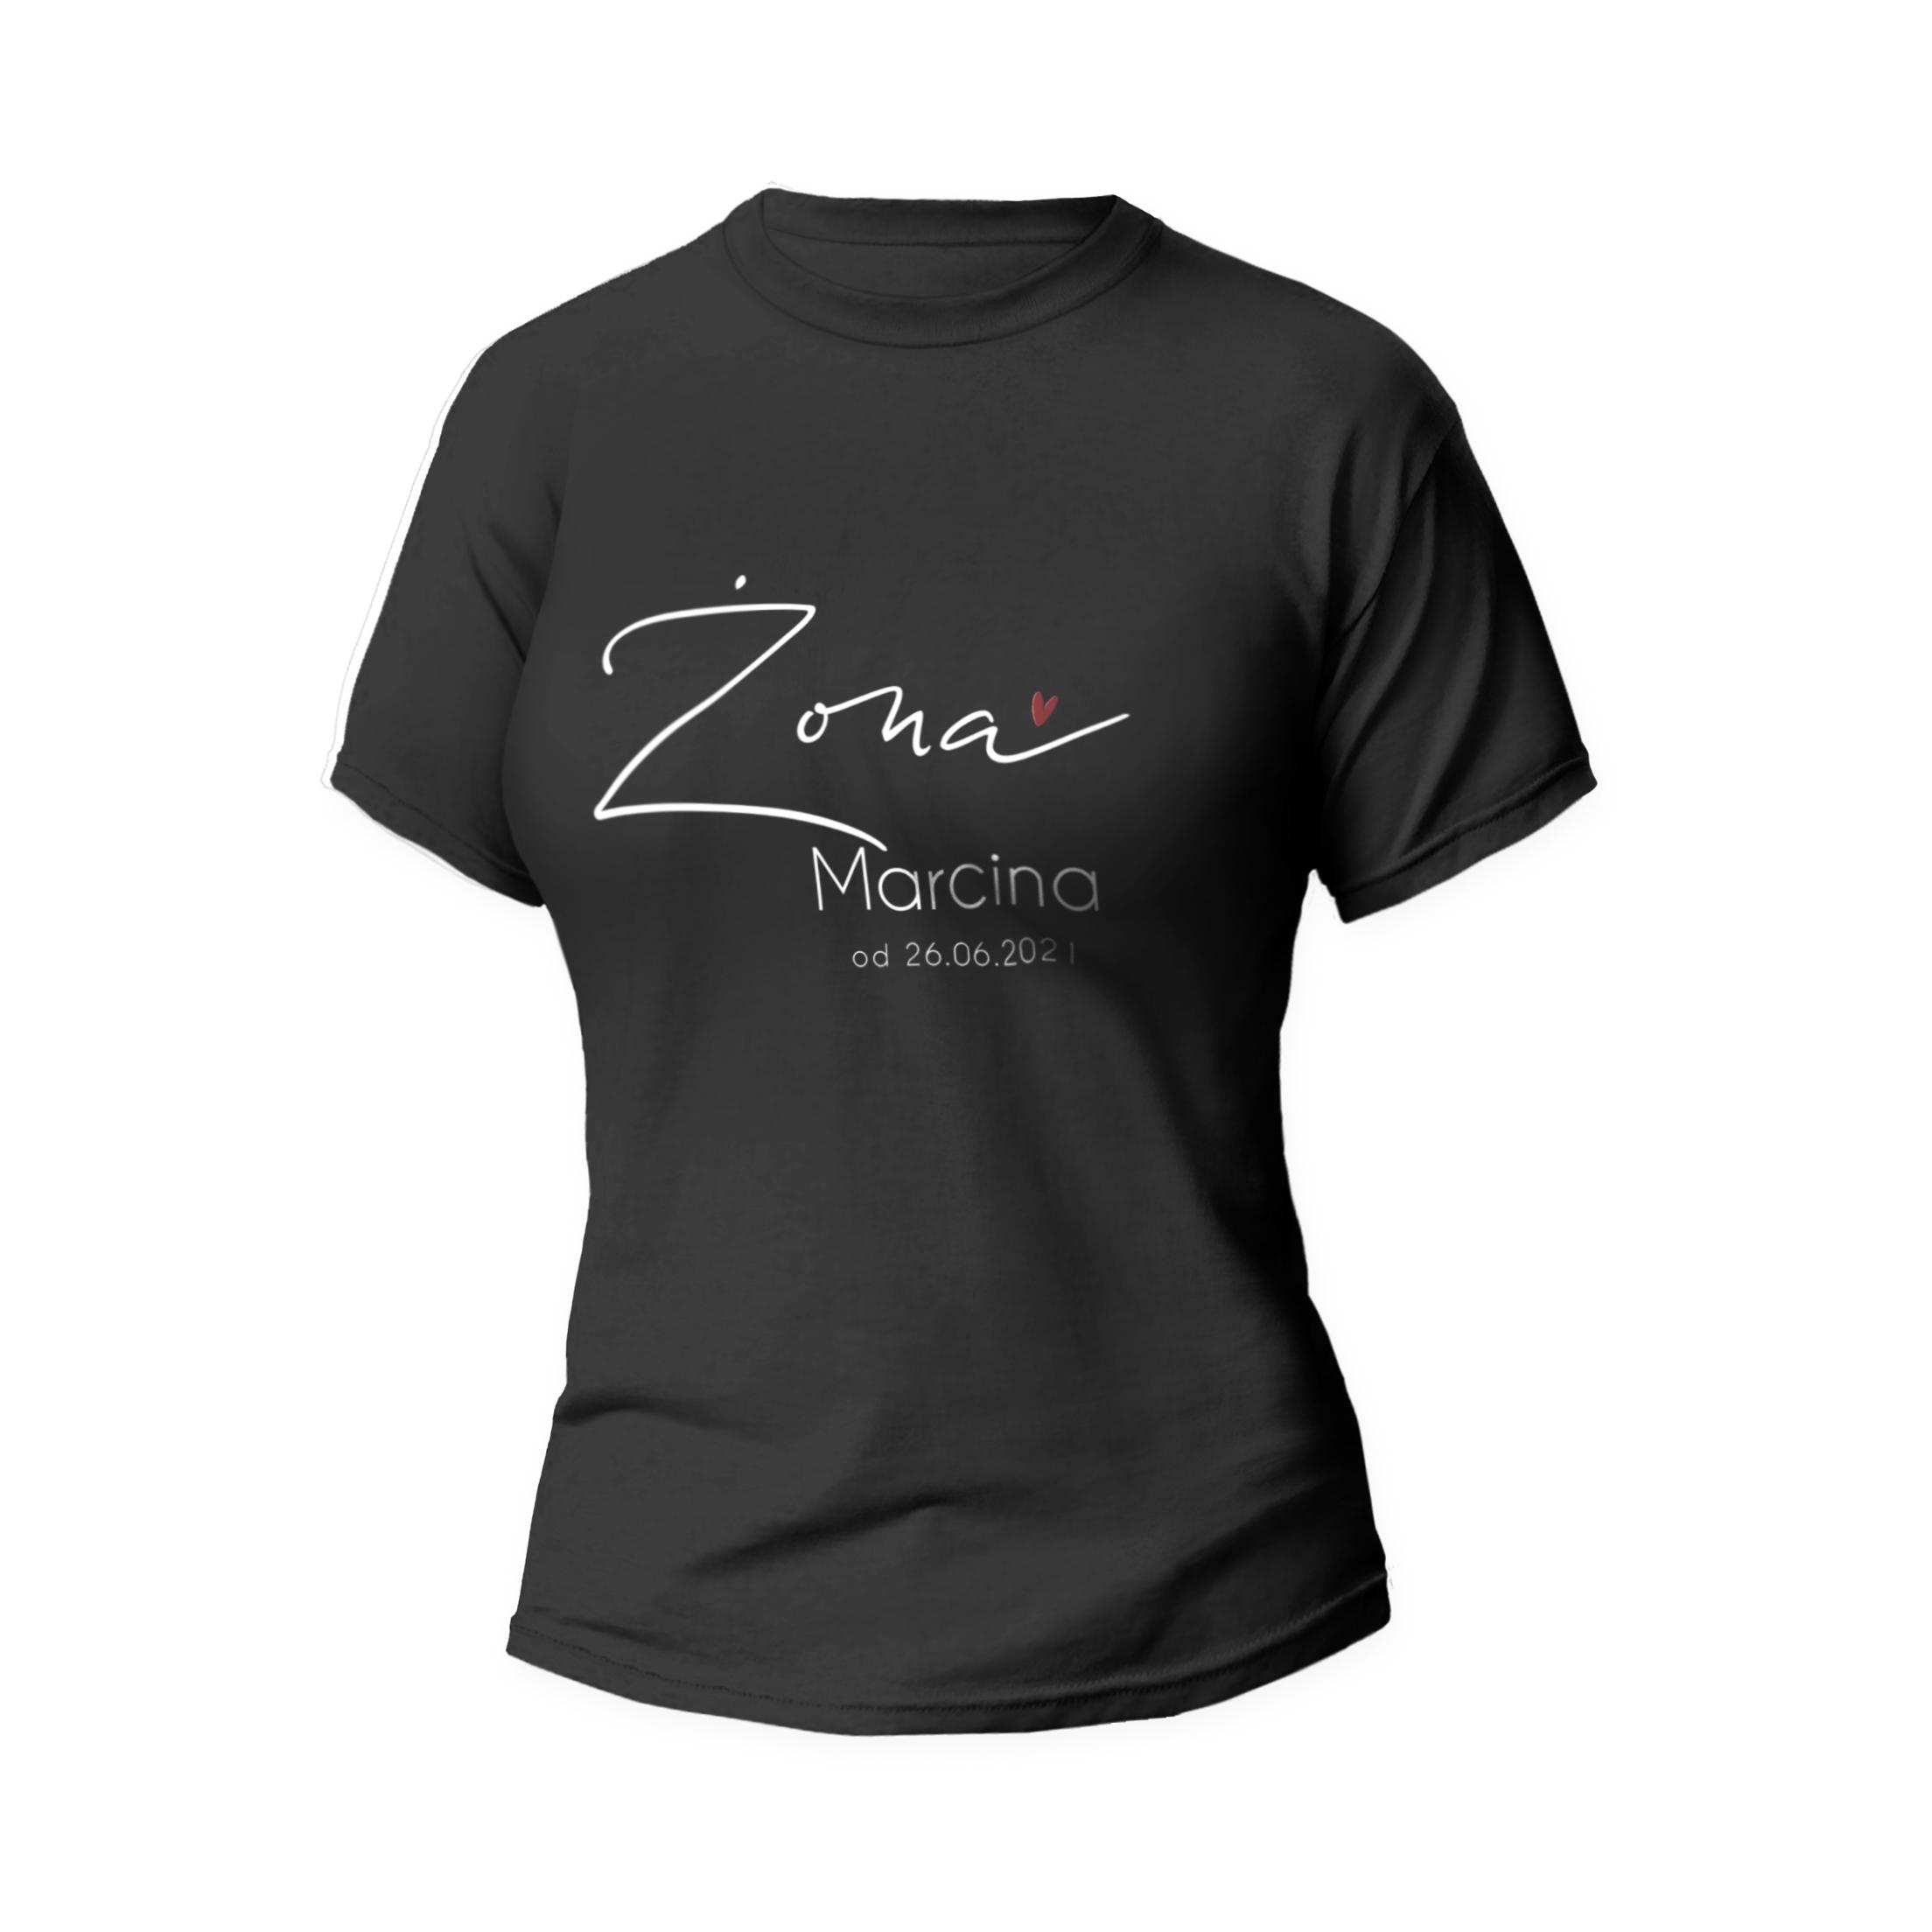 Rozmiar L - koszulka damska dla żony